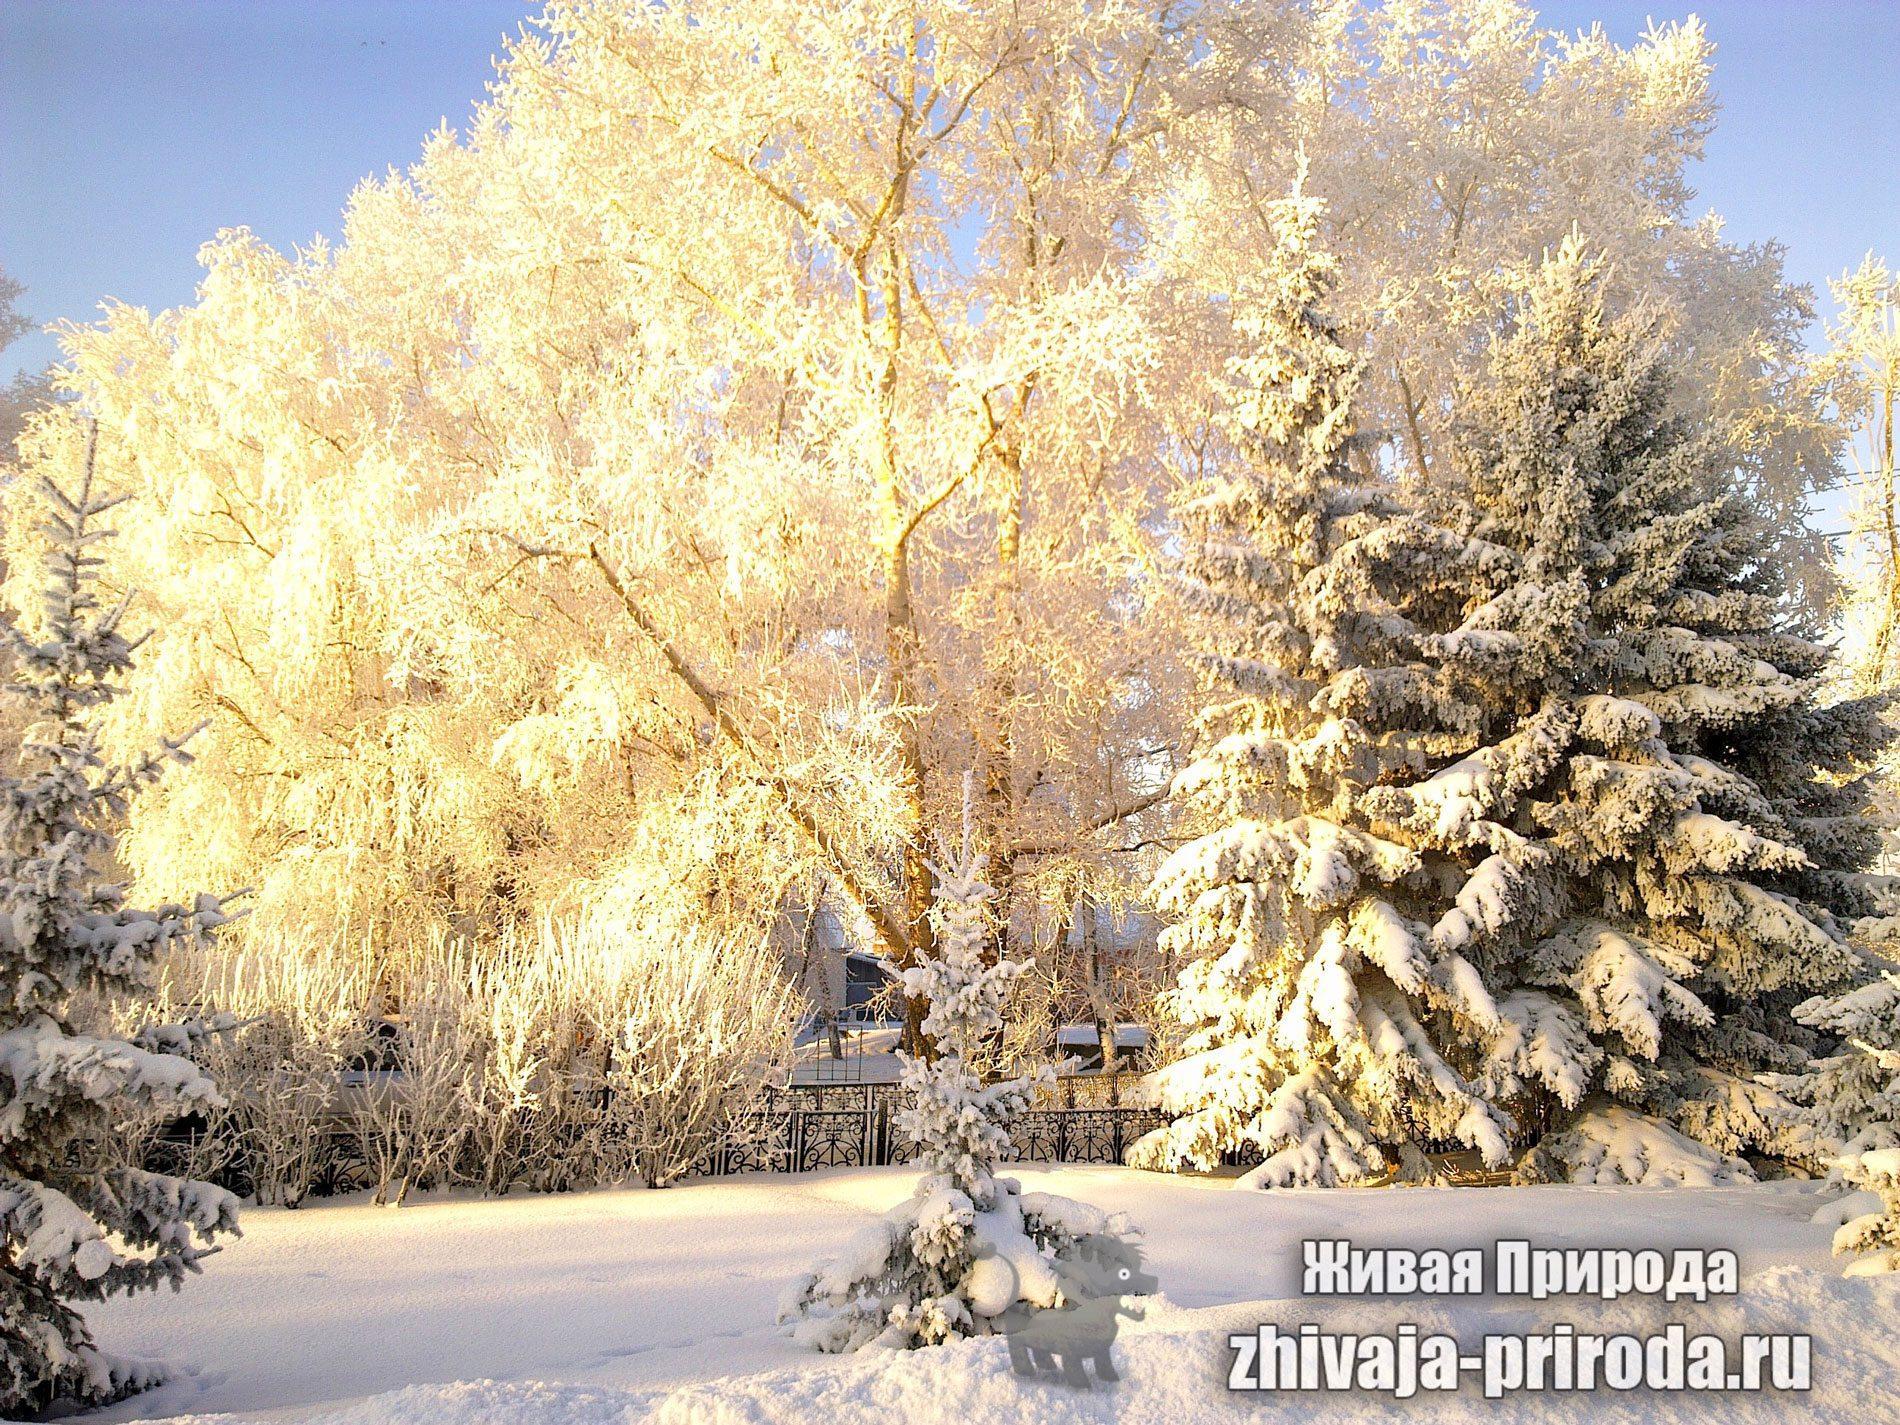 Деревья-в-снегу-на-солнце,-покрыты-инеем